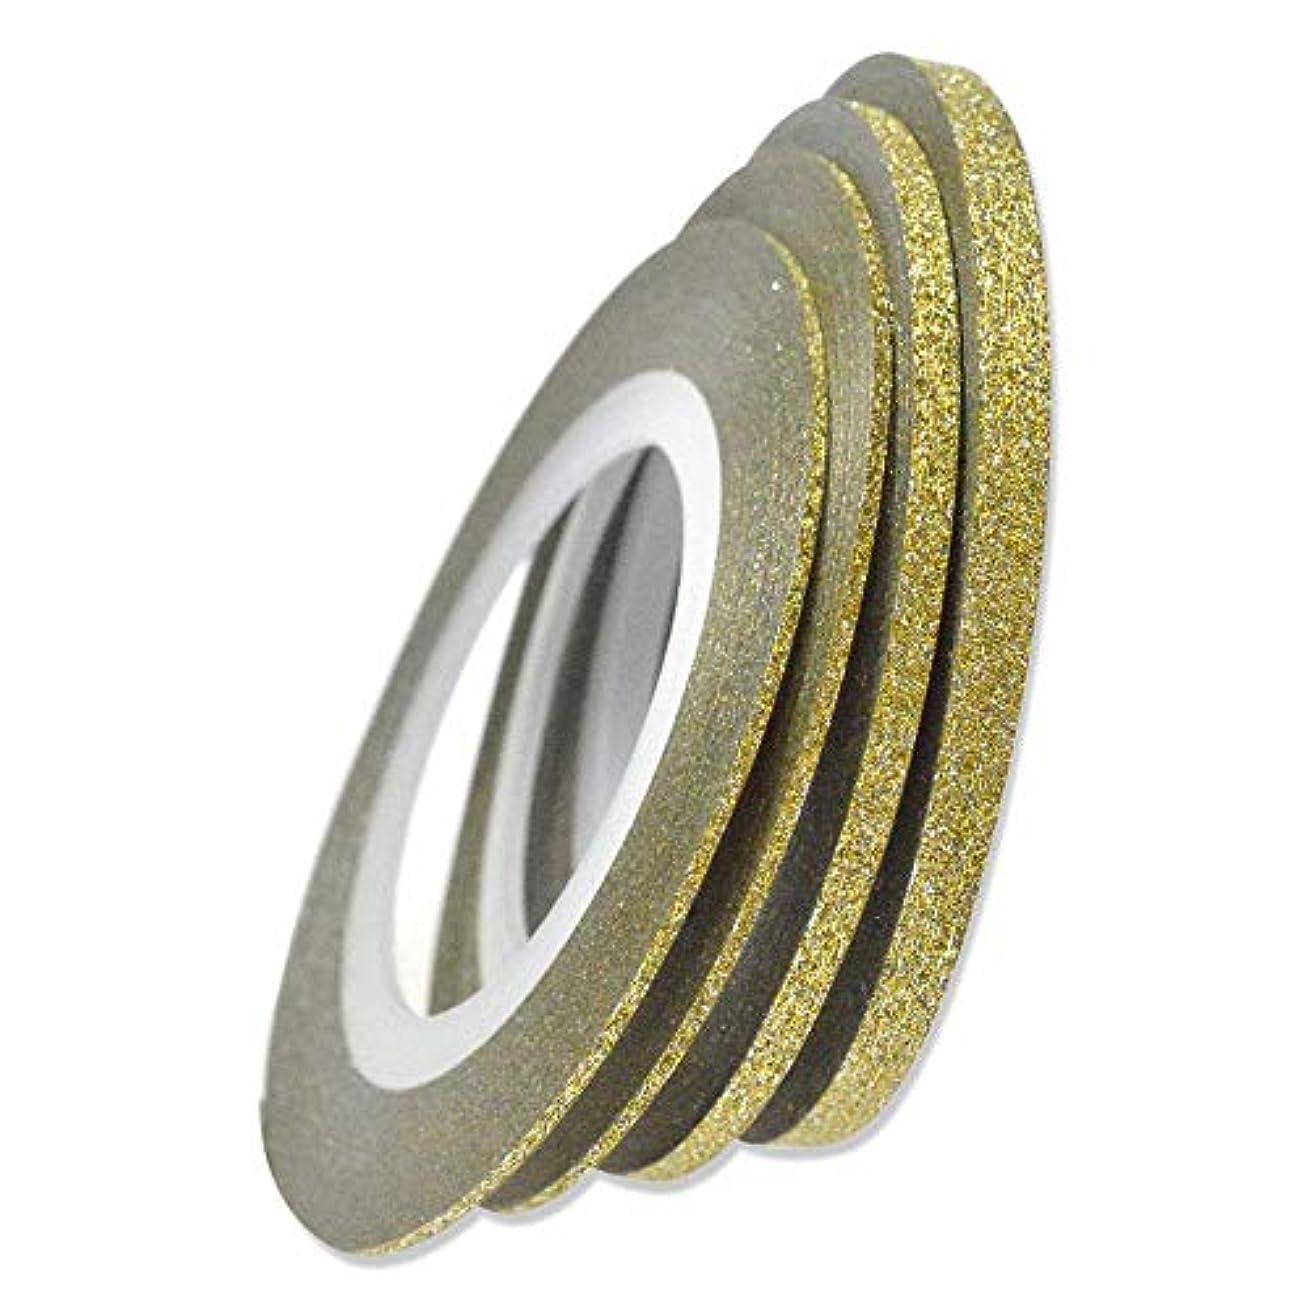 平均忠実に受け継ぐSUKTI&XIAO ネイルステッカー 1ロールネイルアートキラキラストライピングテープラインレーザーシャイニングゴールド/シルバー1/2 / 3Mm新しいネイル転写箔ステッカー、3Mmゴールド